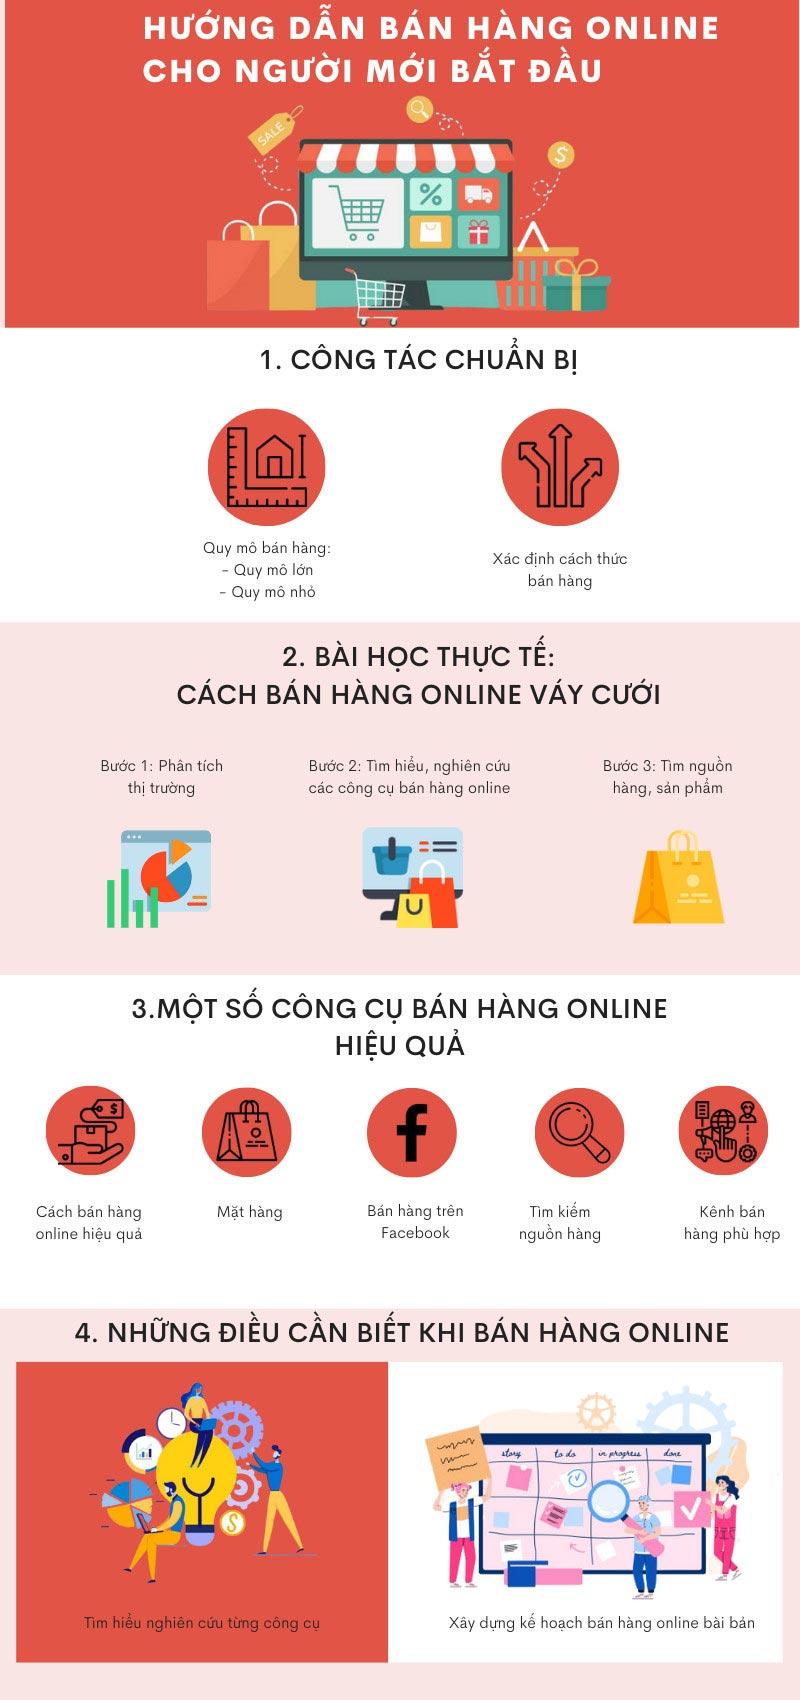 hướng dẫn bán hàng online cho người mới bắt đầu 2021